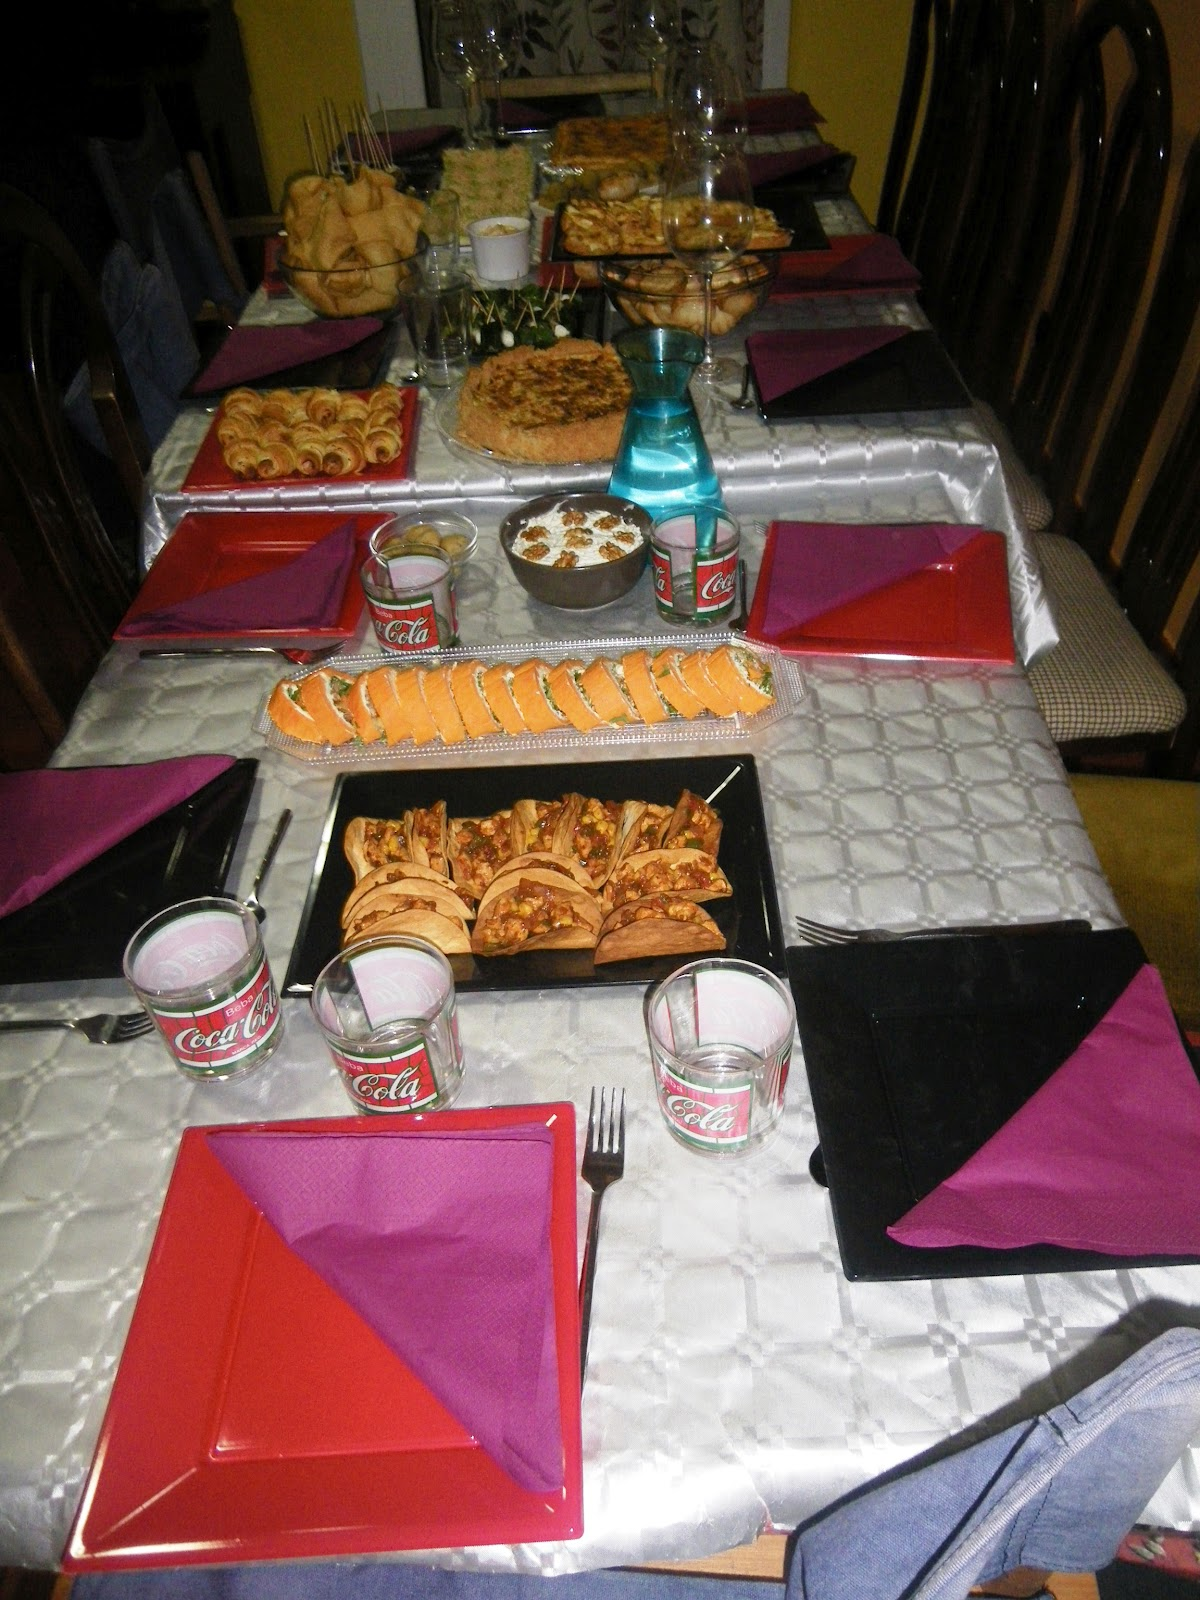 Omplint el vuit merienda cena de cumplea os - Que poner en una merienda de cumpleanos ...